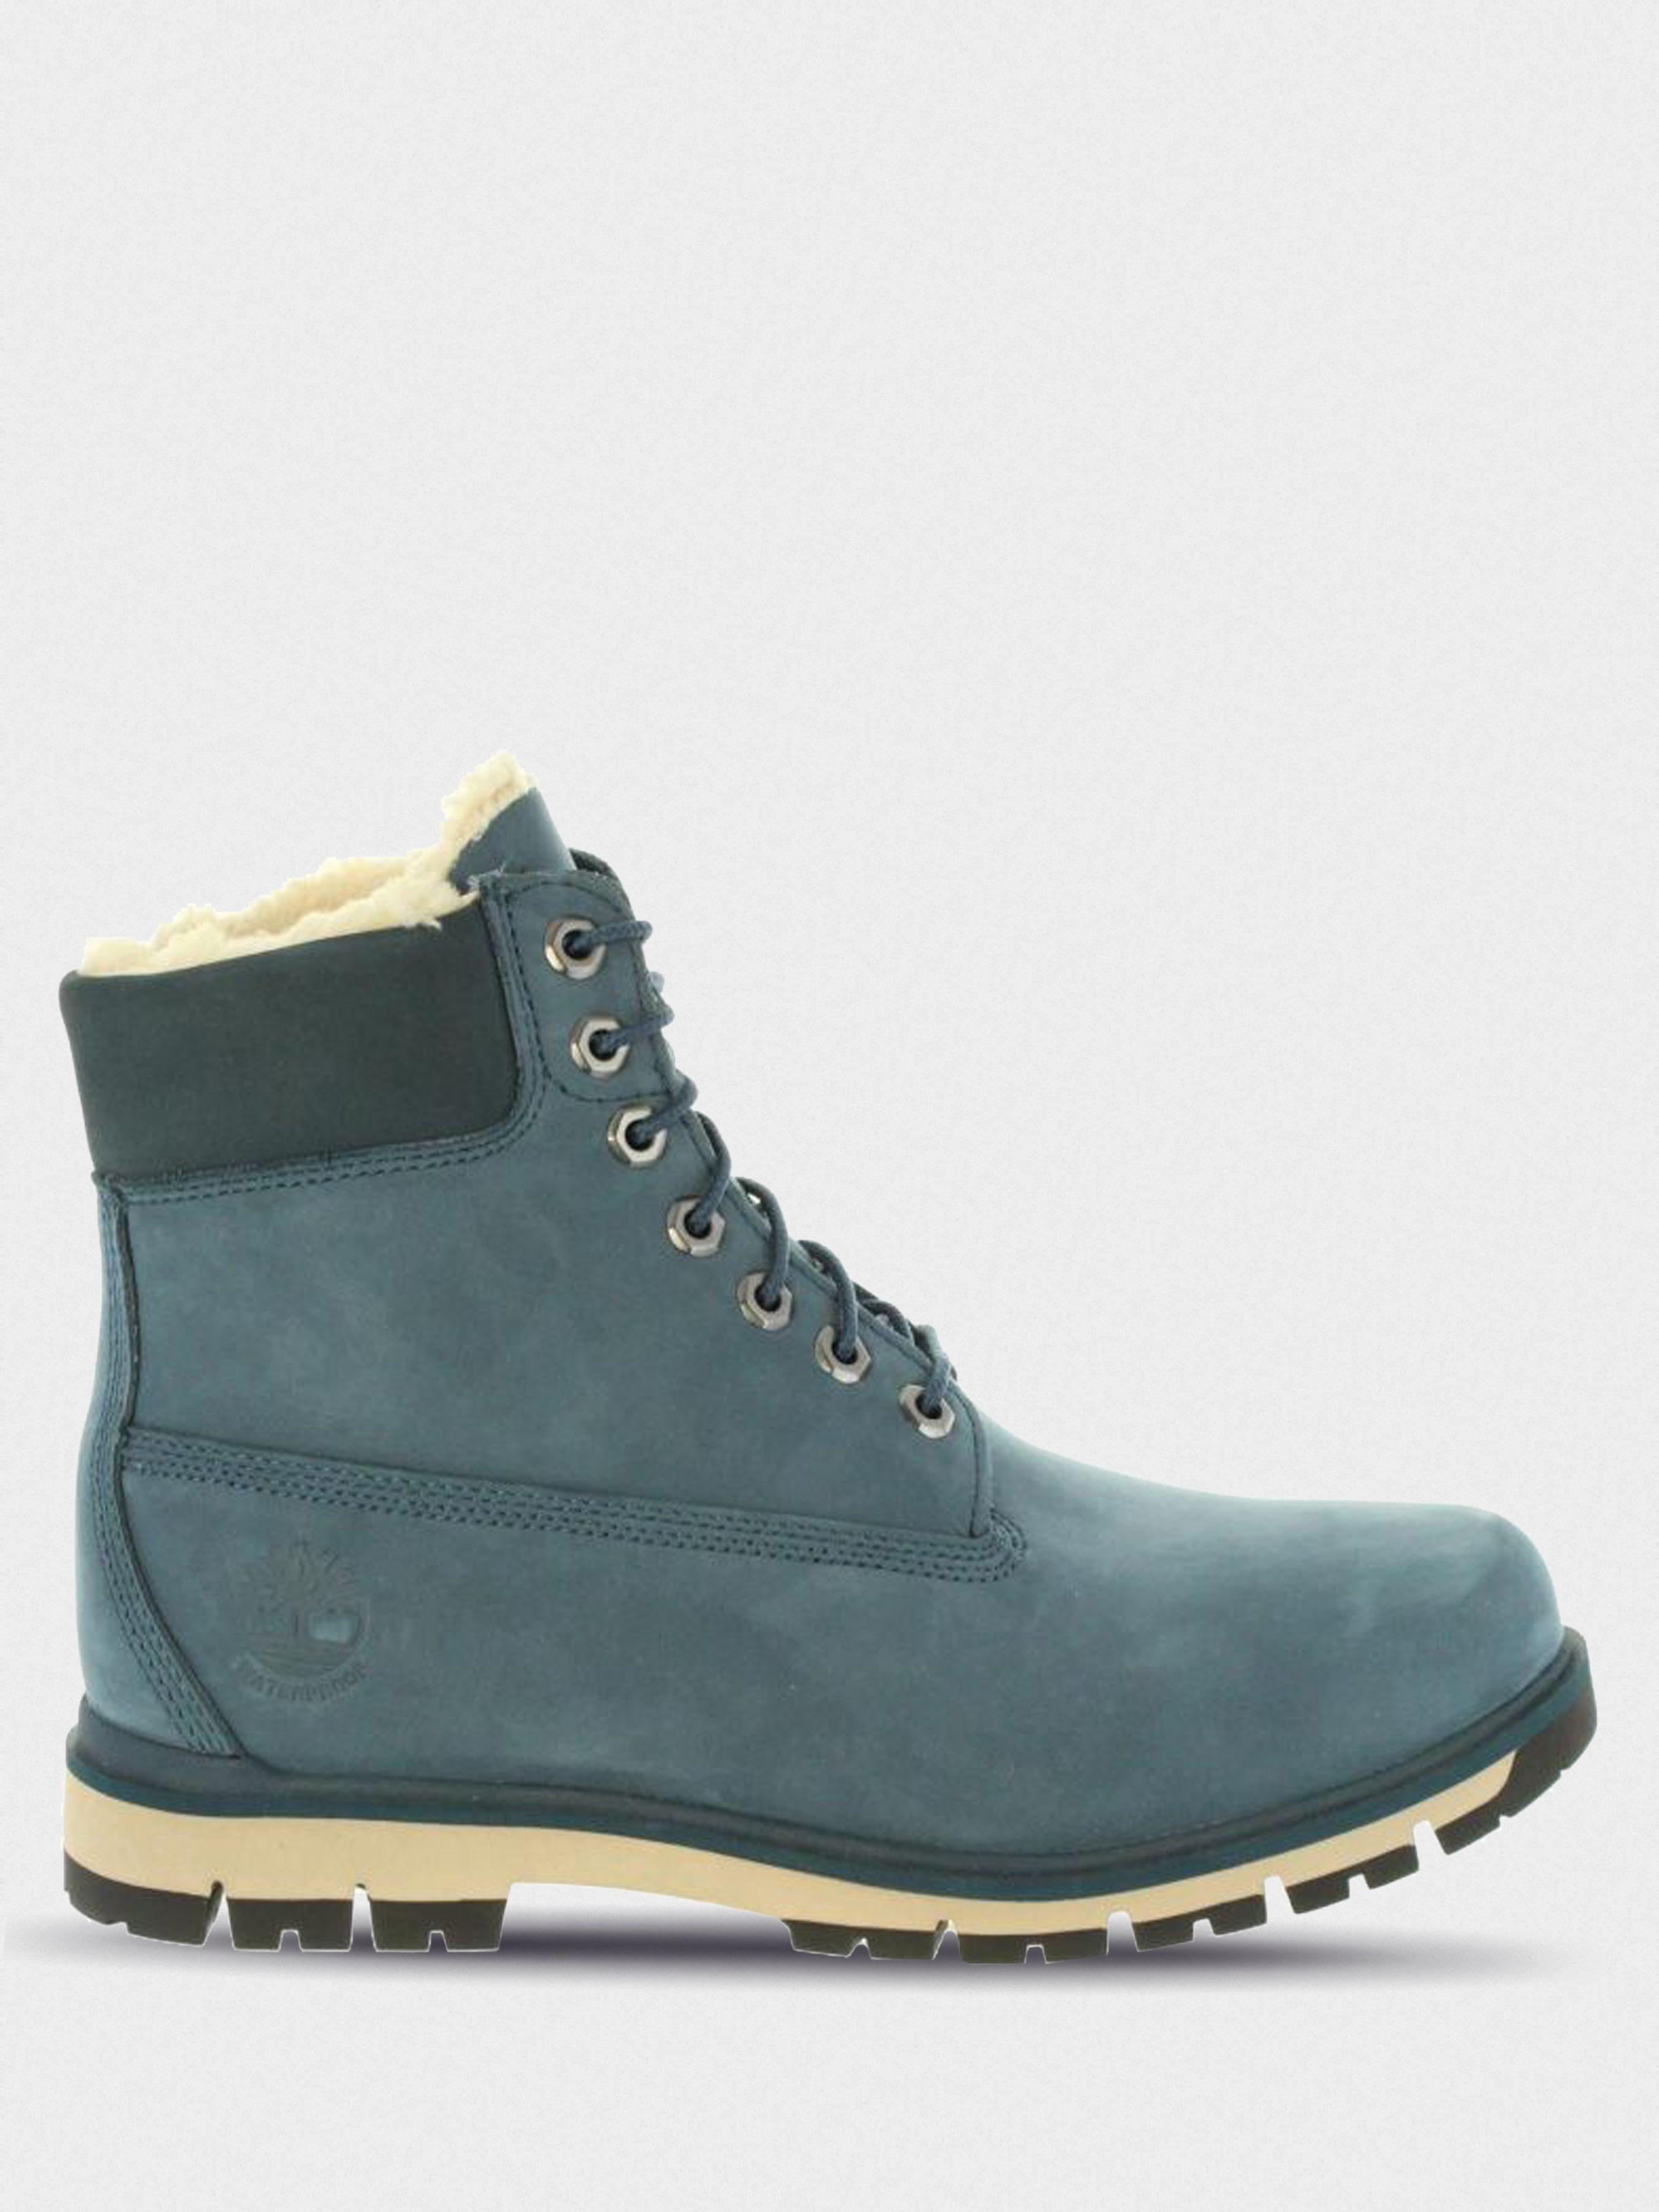 Ботинки мужские Timberland Radford TF3796